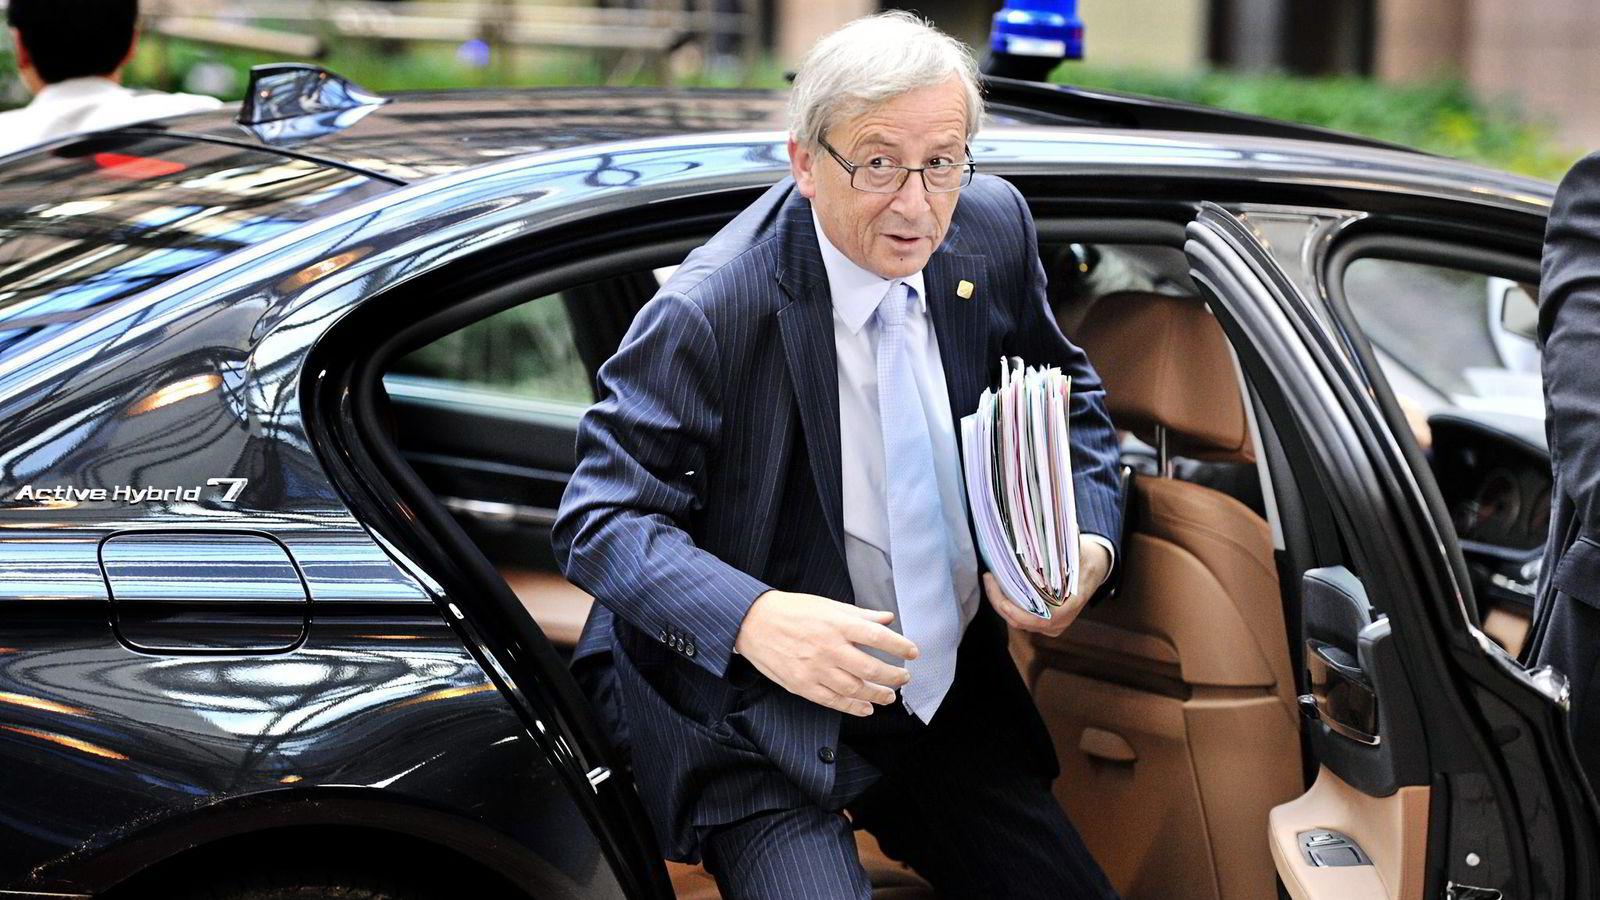 FAVORITT. Luxembourgs tidligere statsminister Jean-Claude Juncker leder kampen om å bli ny EU-president.